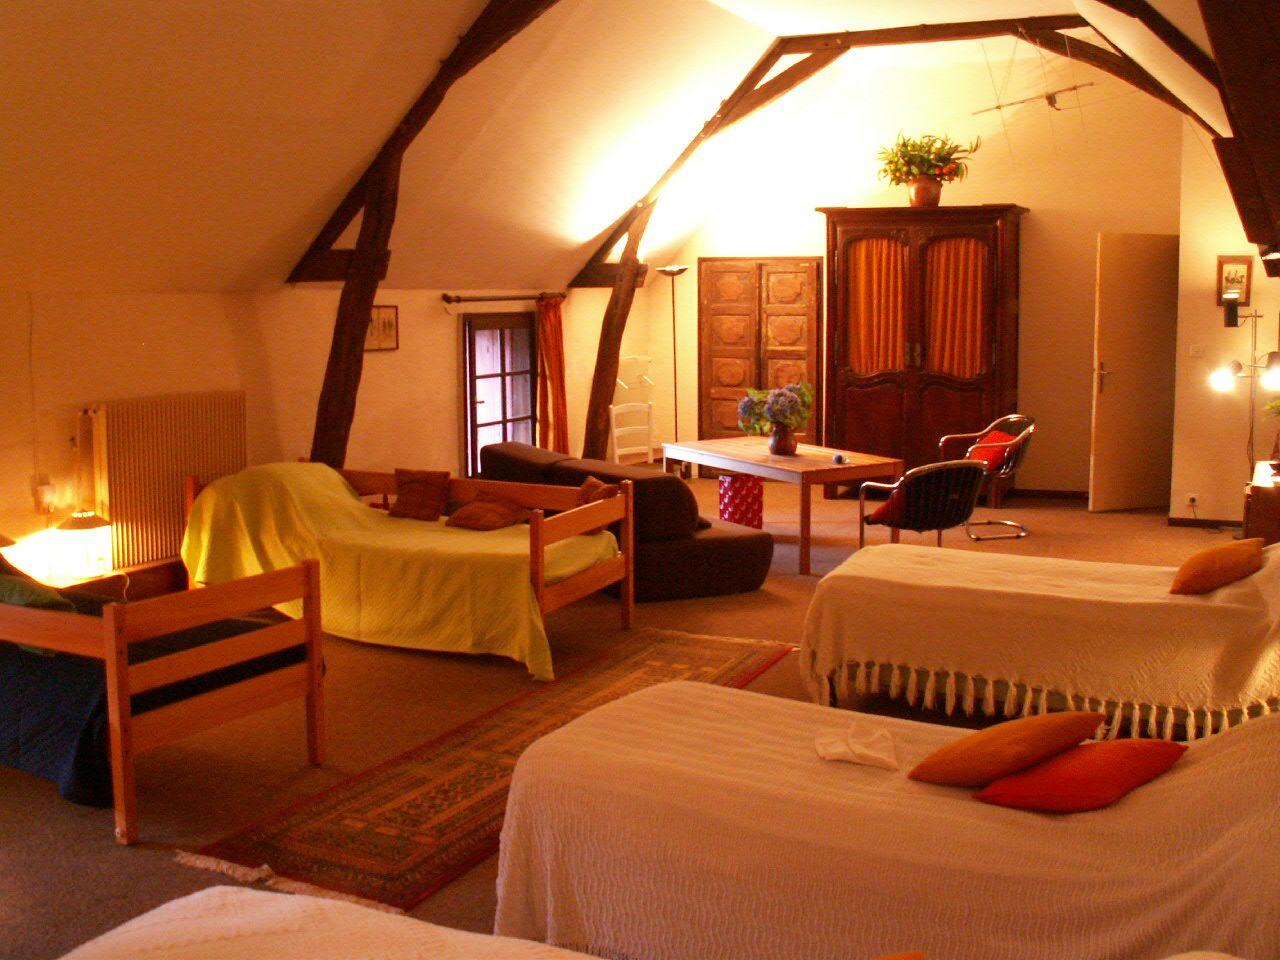 Dortoir 5 lits à l'étage, vue depuis le fond de la pièce